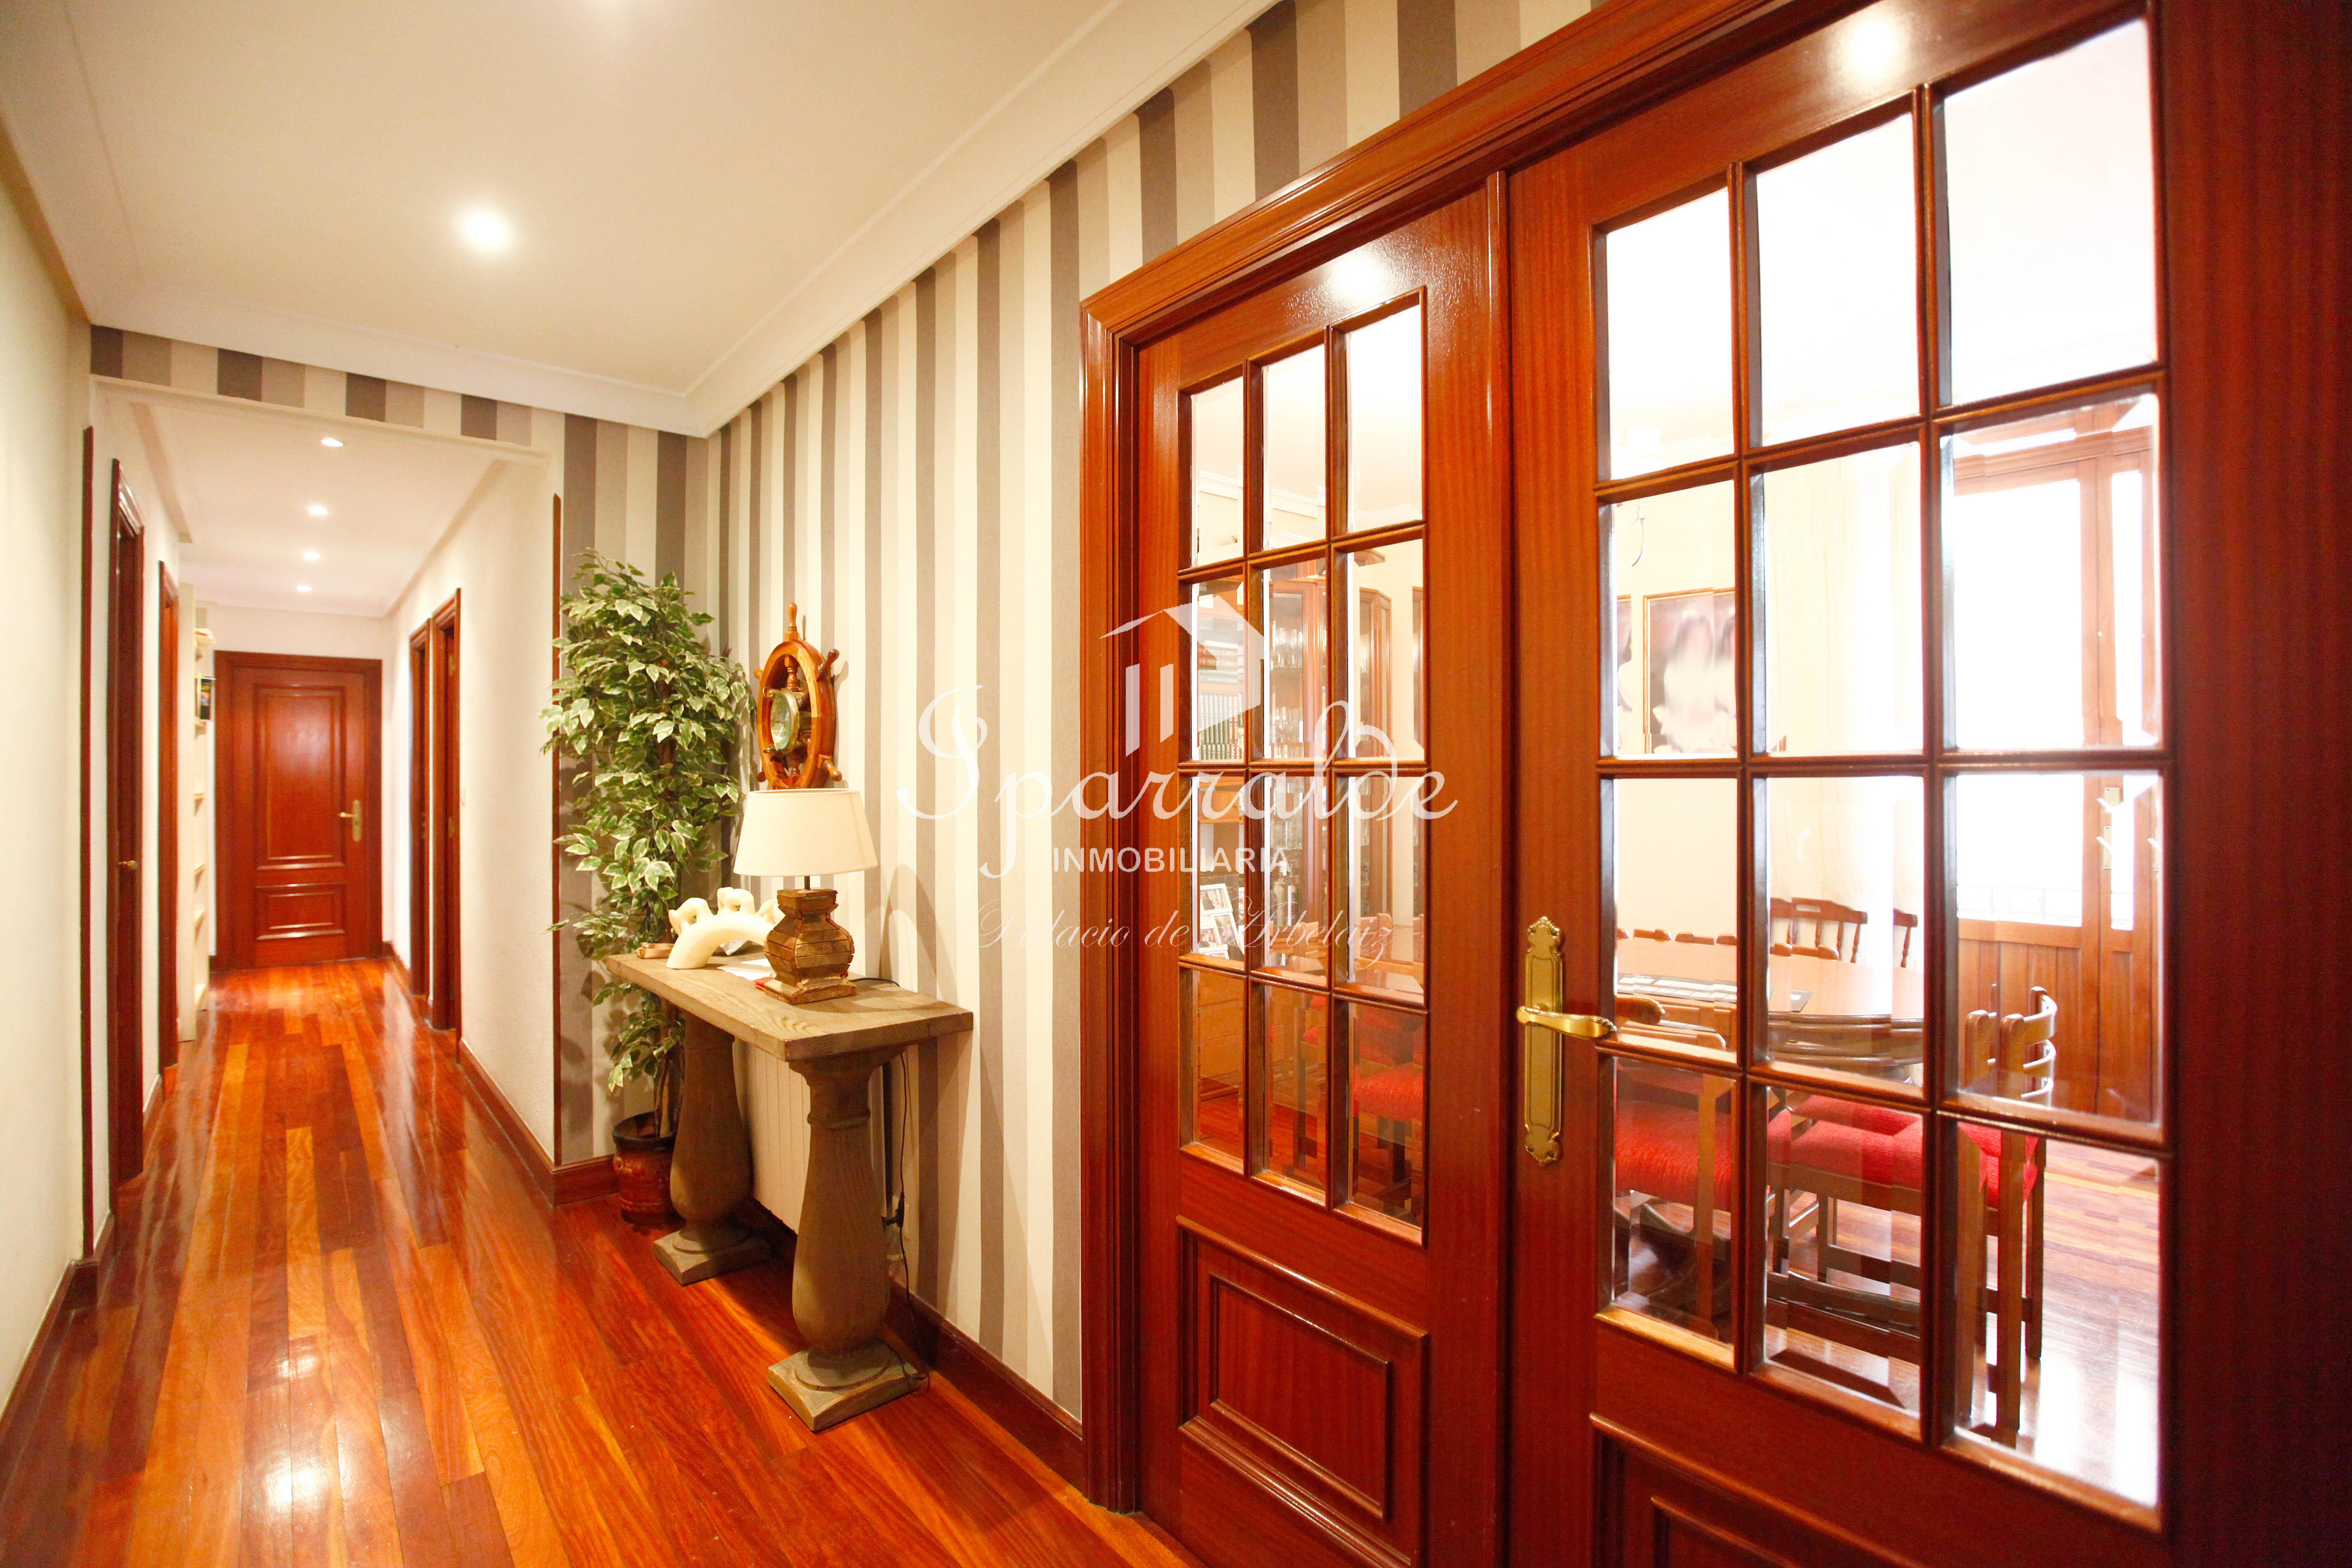 Piso de 125m² con 3 dormitorios con salida a balcón, 2 baños, gran cocina con despensa y salón comedor con salida a balcón y galería